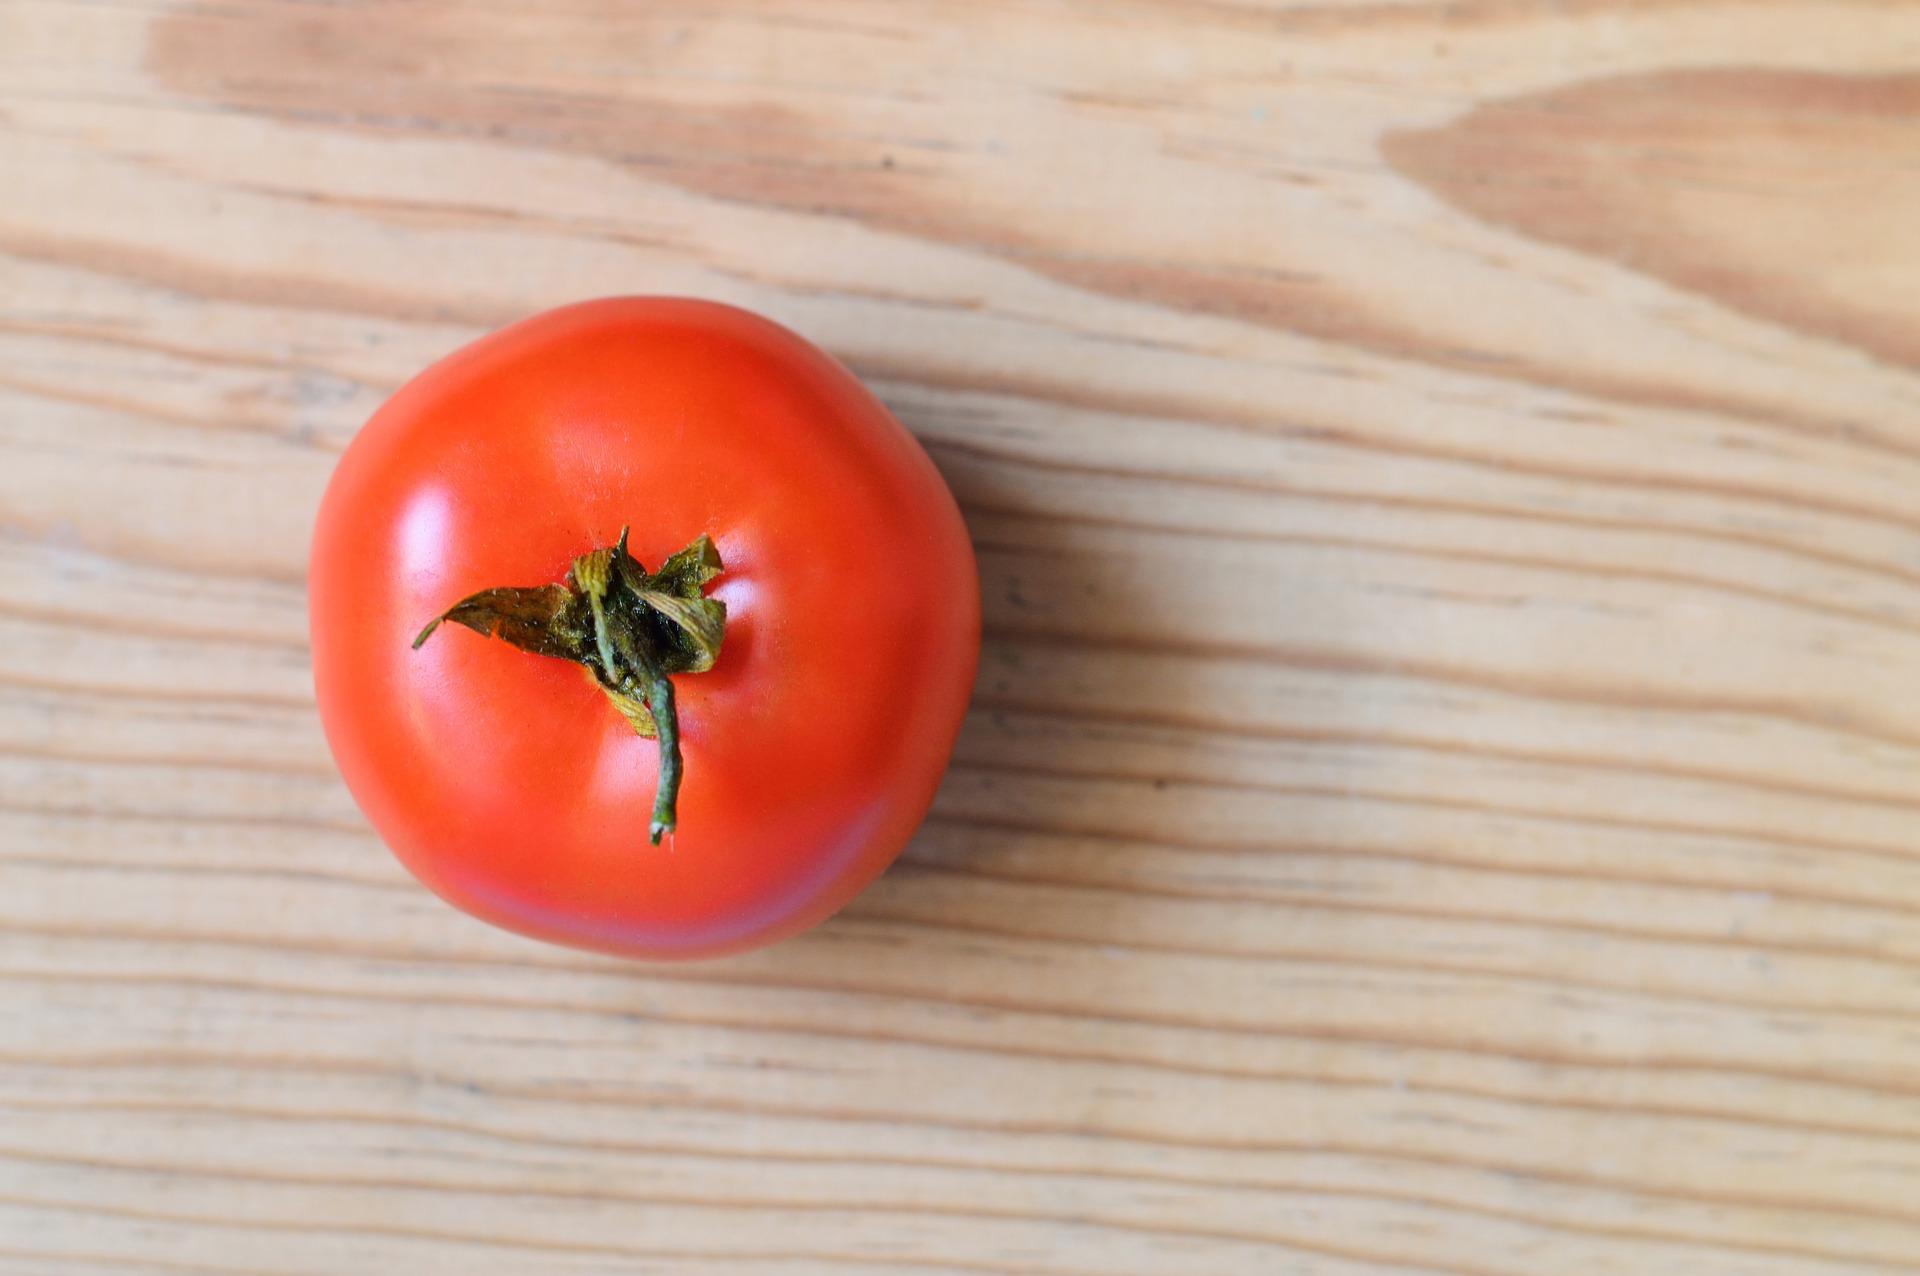 tomato-1916809_1920